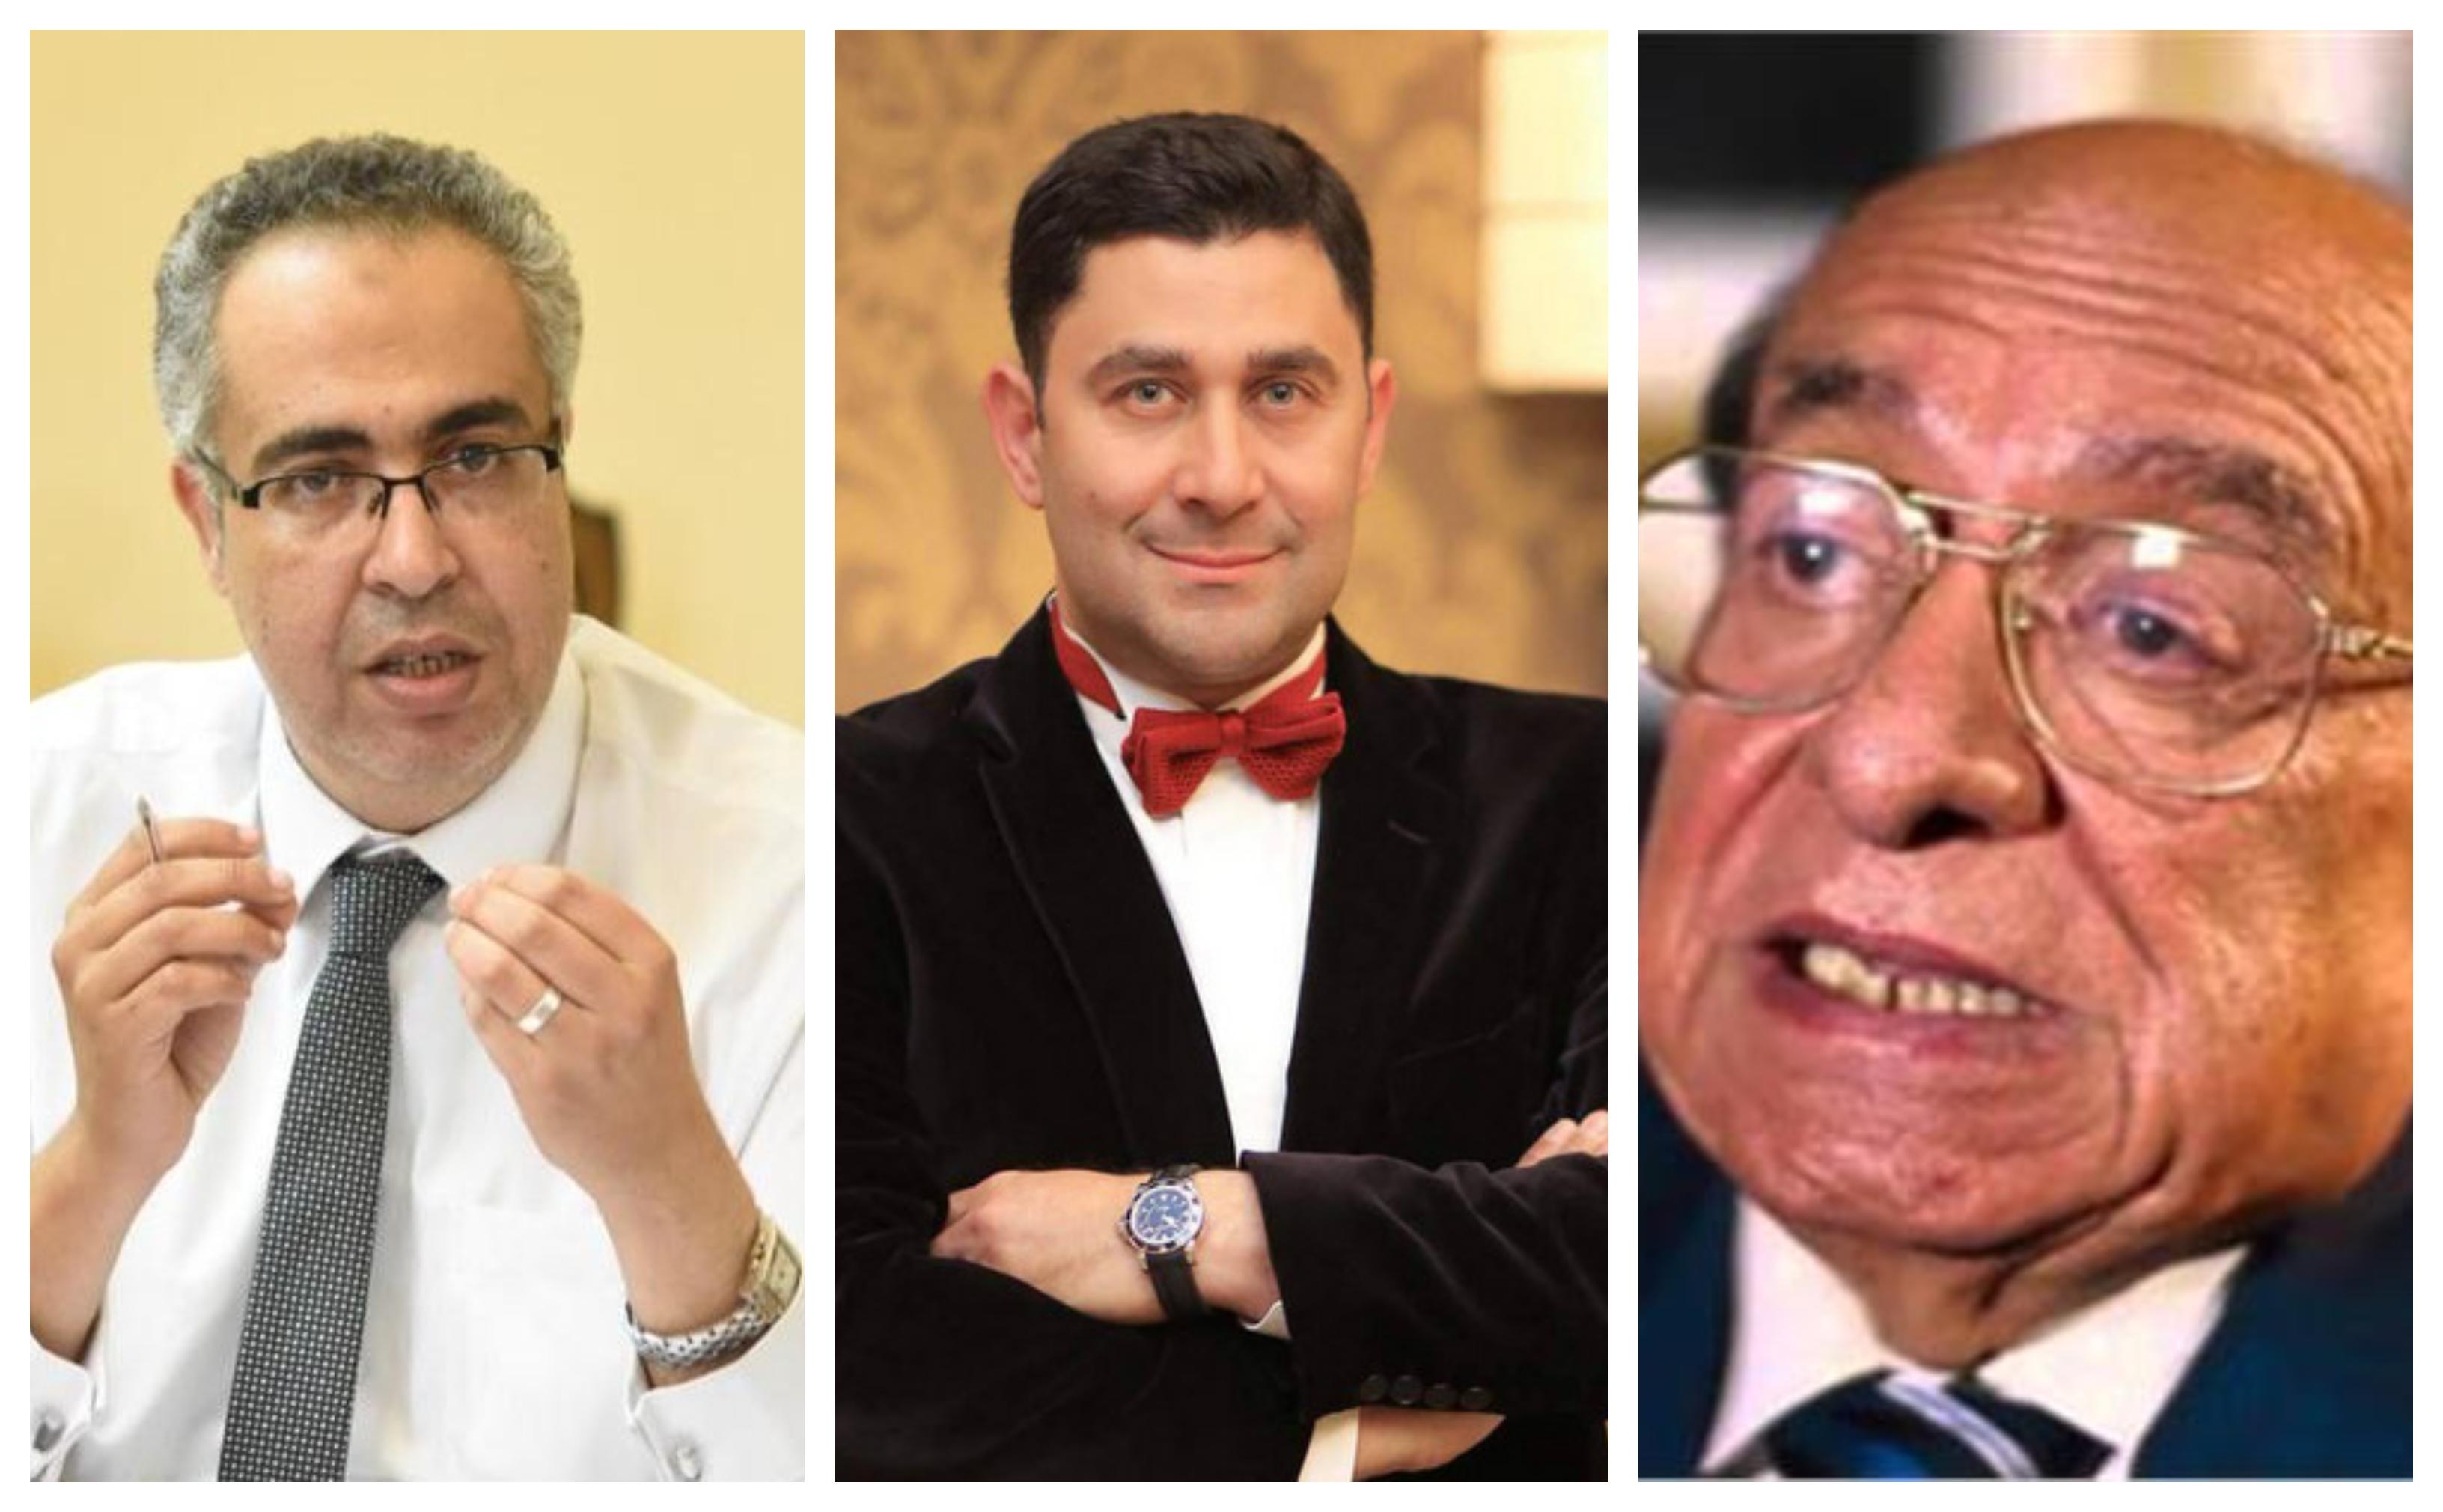 جلال الشرقاوي وأسماعيل مختار واحمد شاكر عبد اللطيف